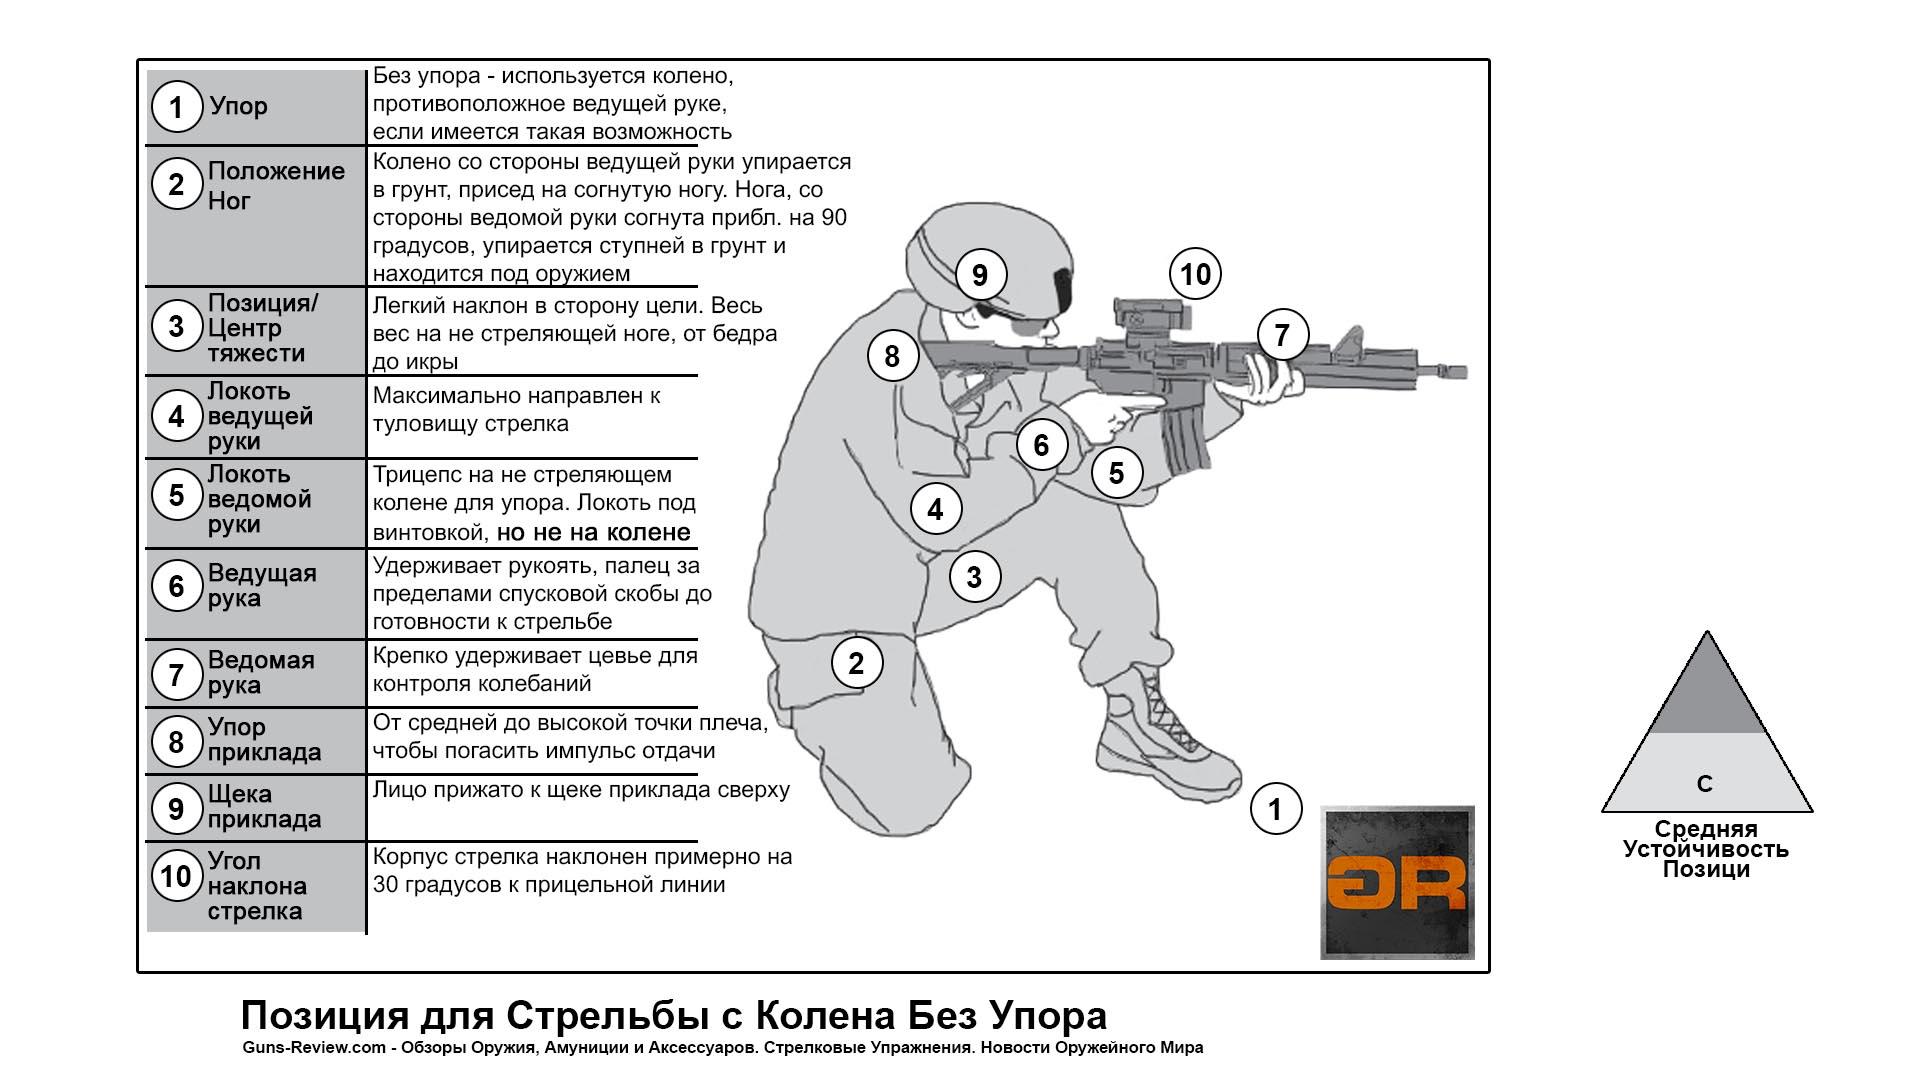 Схема и Описание позиции для стрельбы с колена / US ARMY Rifle and Carbine, 2016. Перевод и адаптация Guns-Review.com